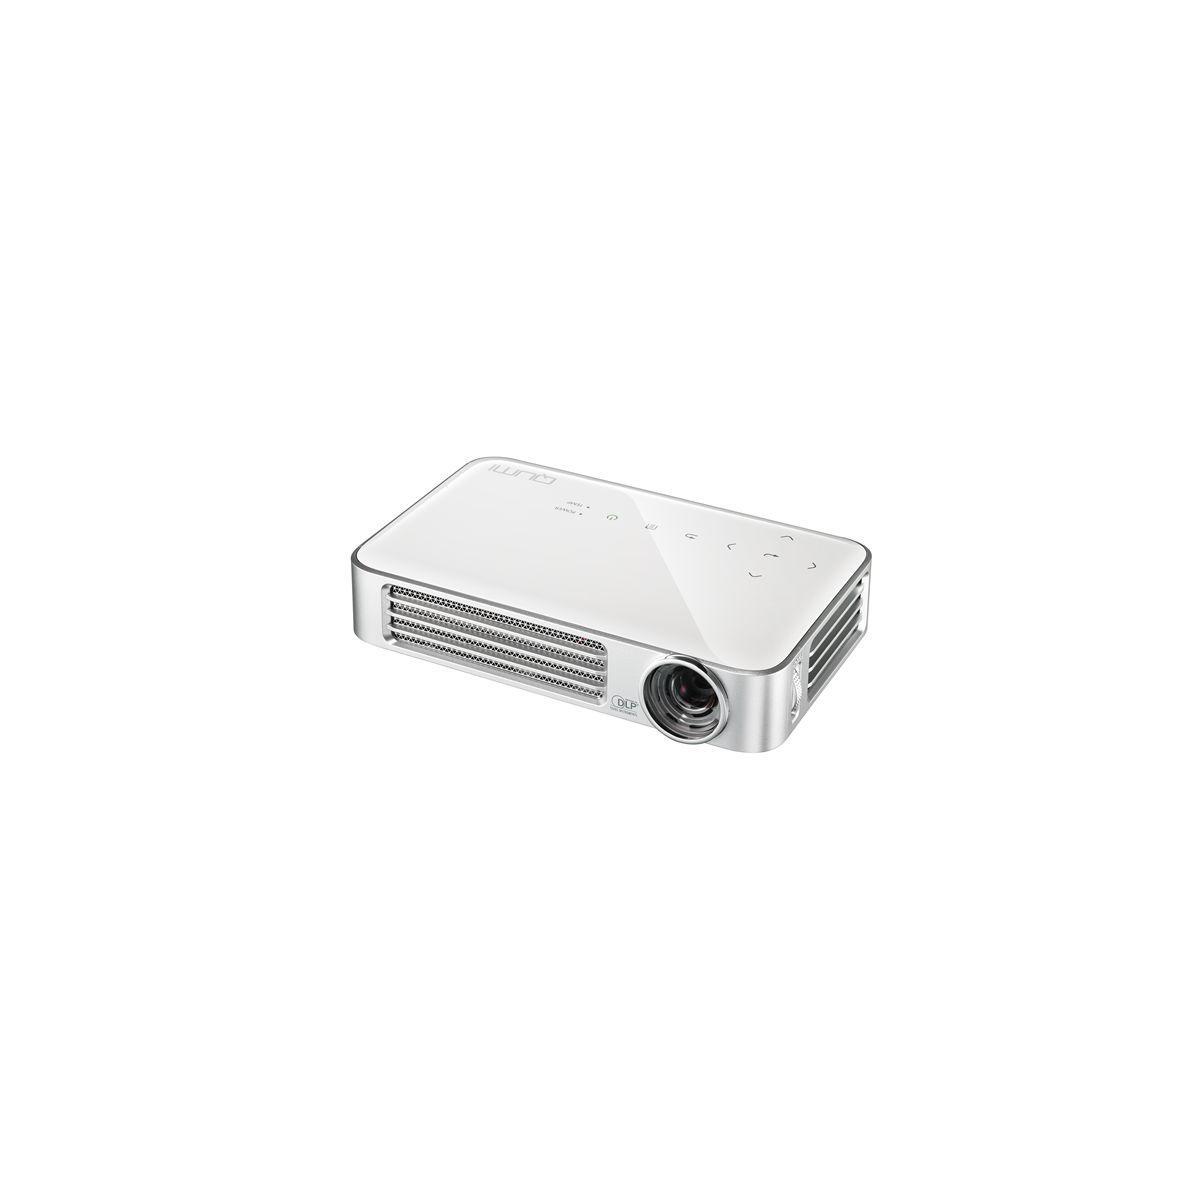 Projecteur vivitek qumi q6 blanc (photo)